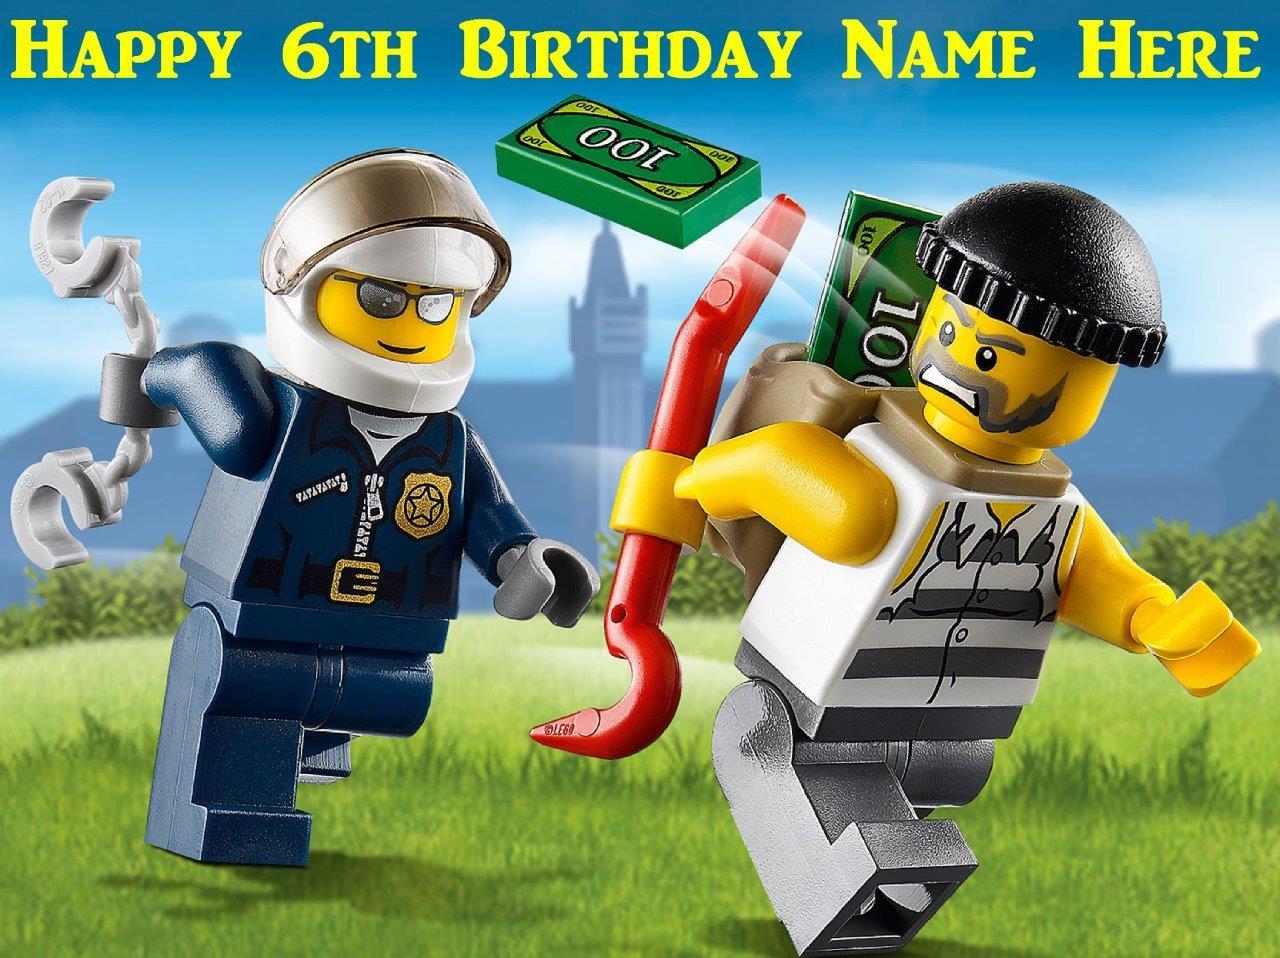 Lego Police Cake Topper